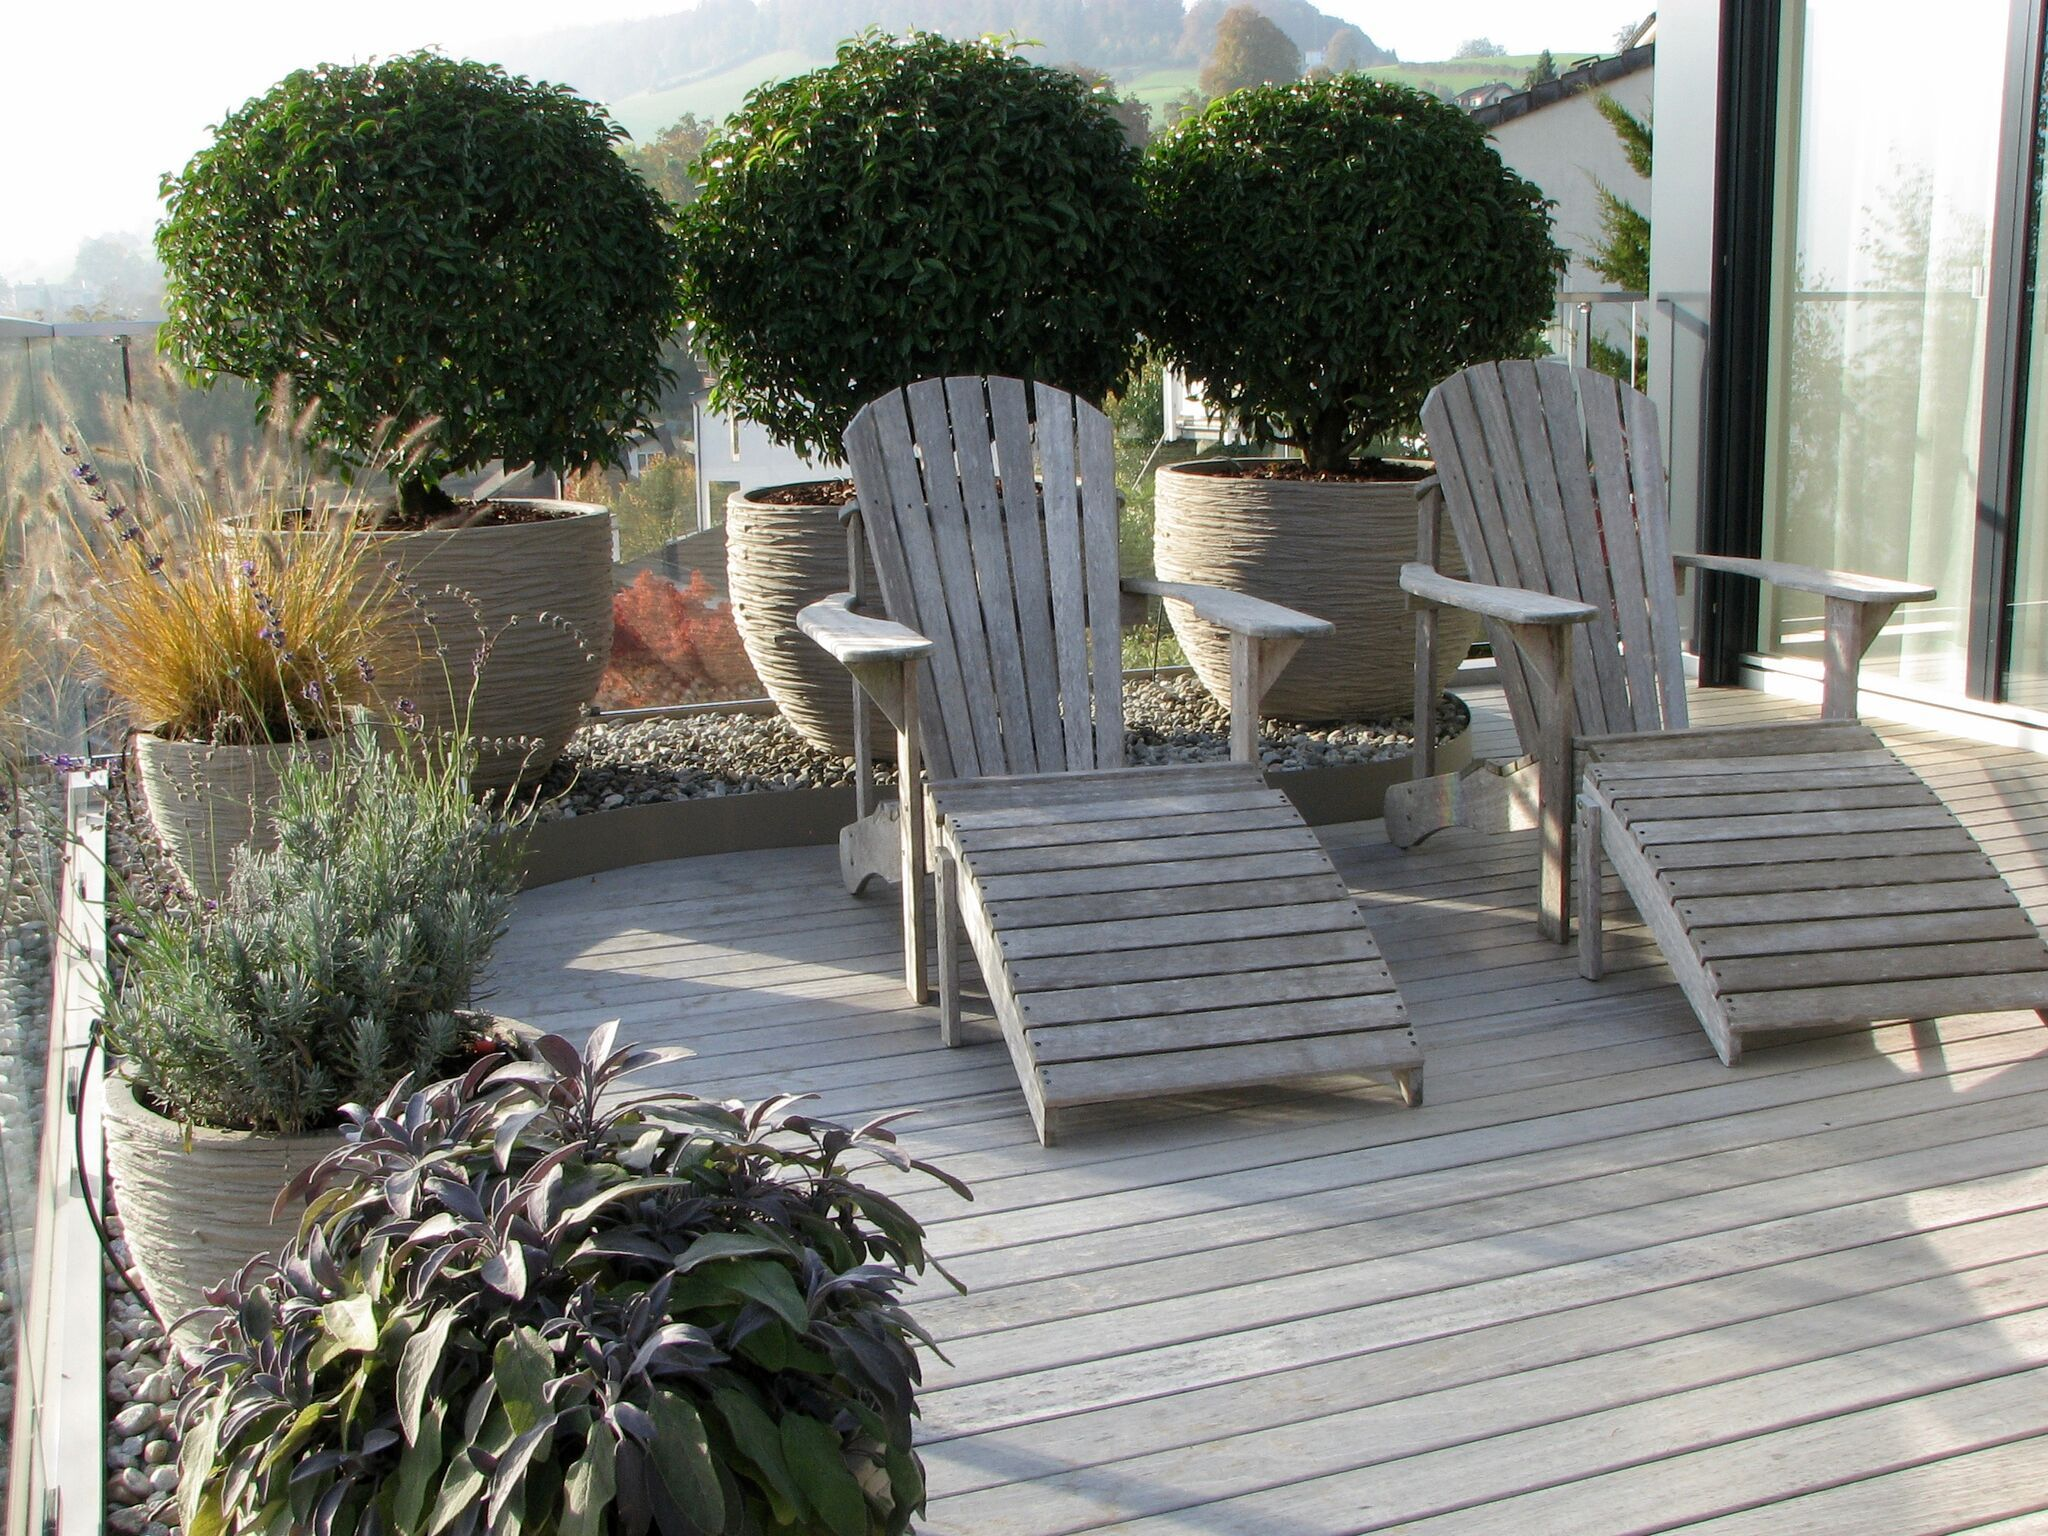 Somandin Gmbh Schenkon Garten Terrassengestaltung Terrasse